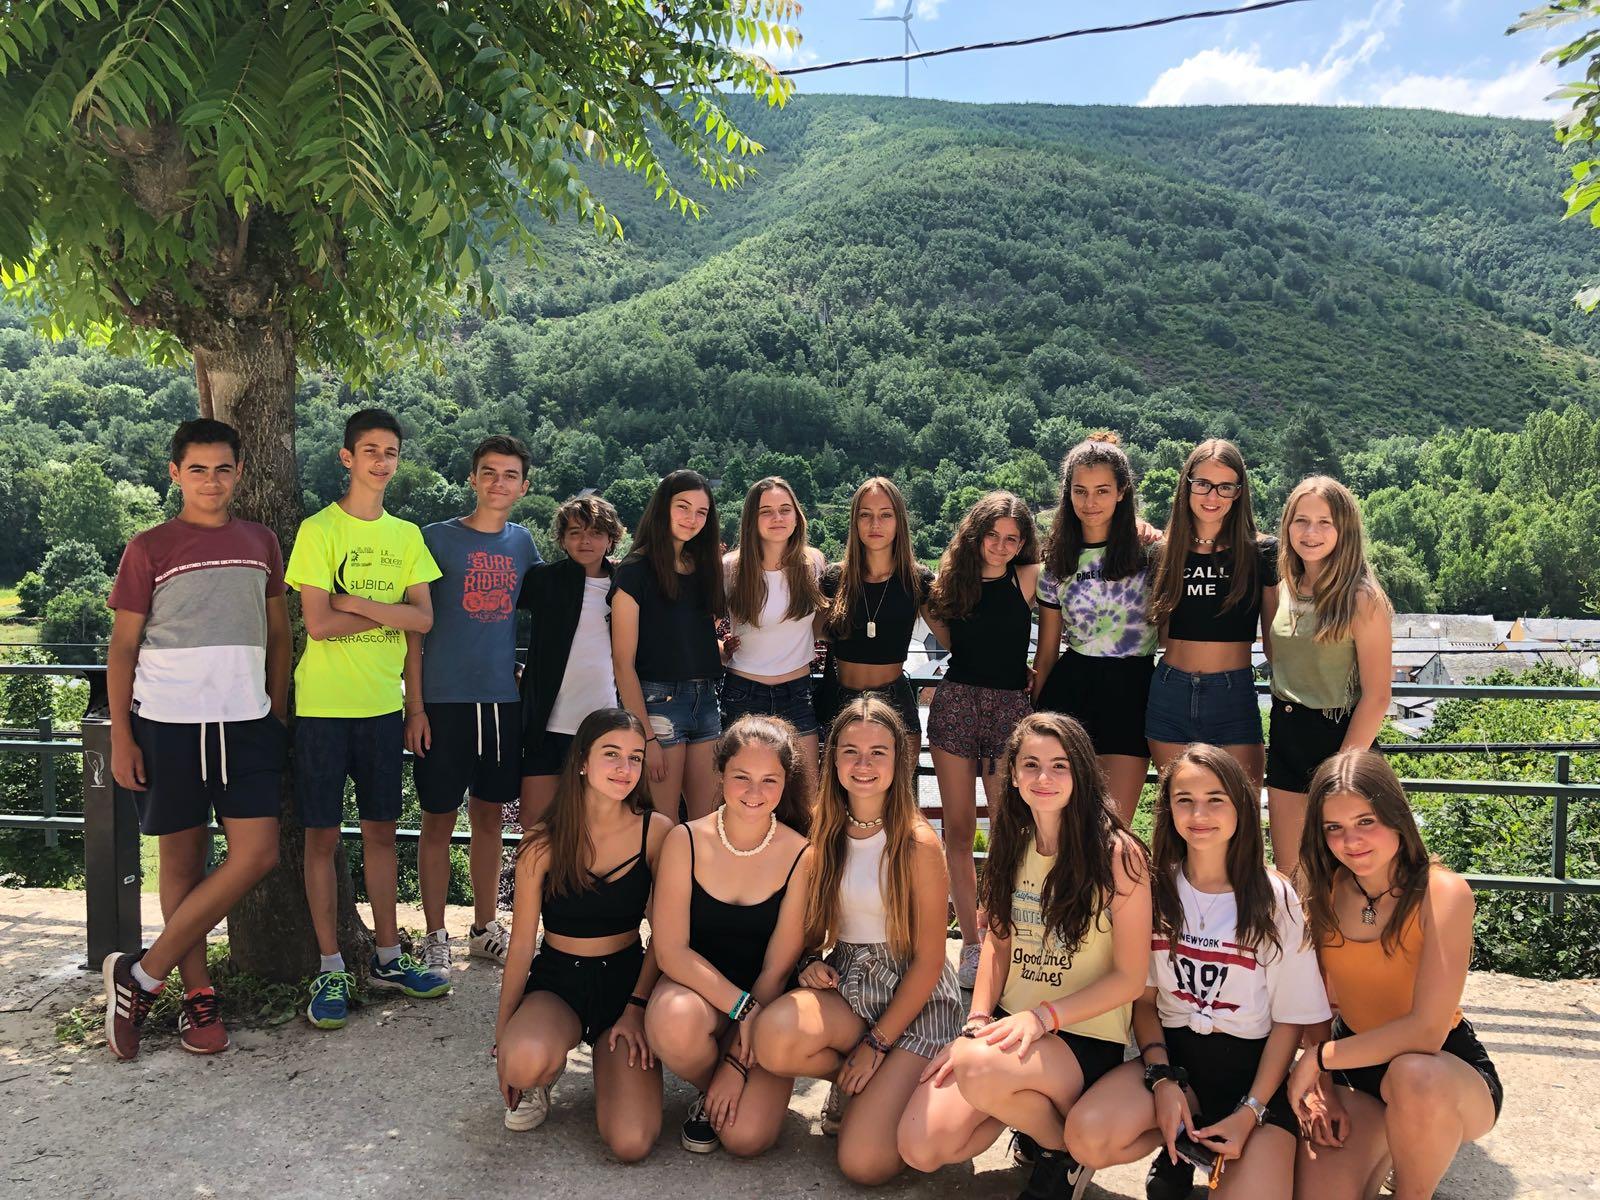 Campamento multiaventura para jóvenes en España Castilla y León